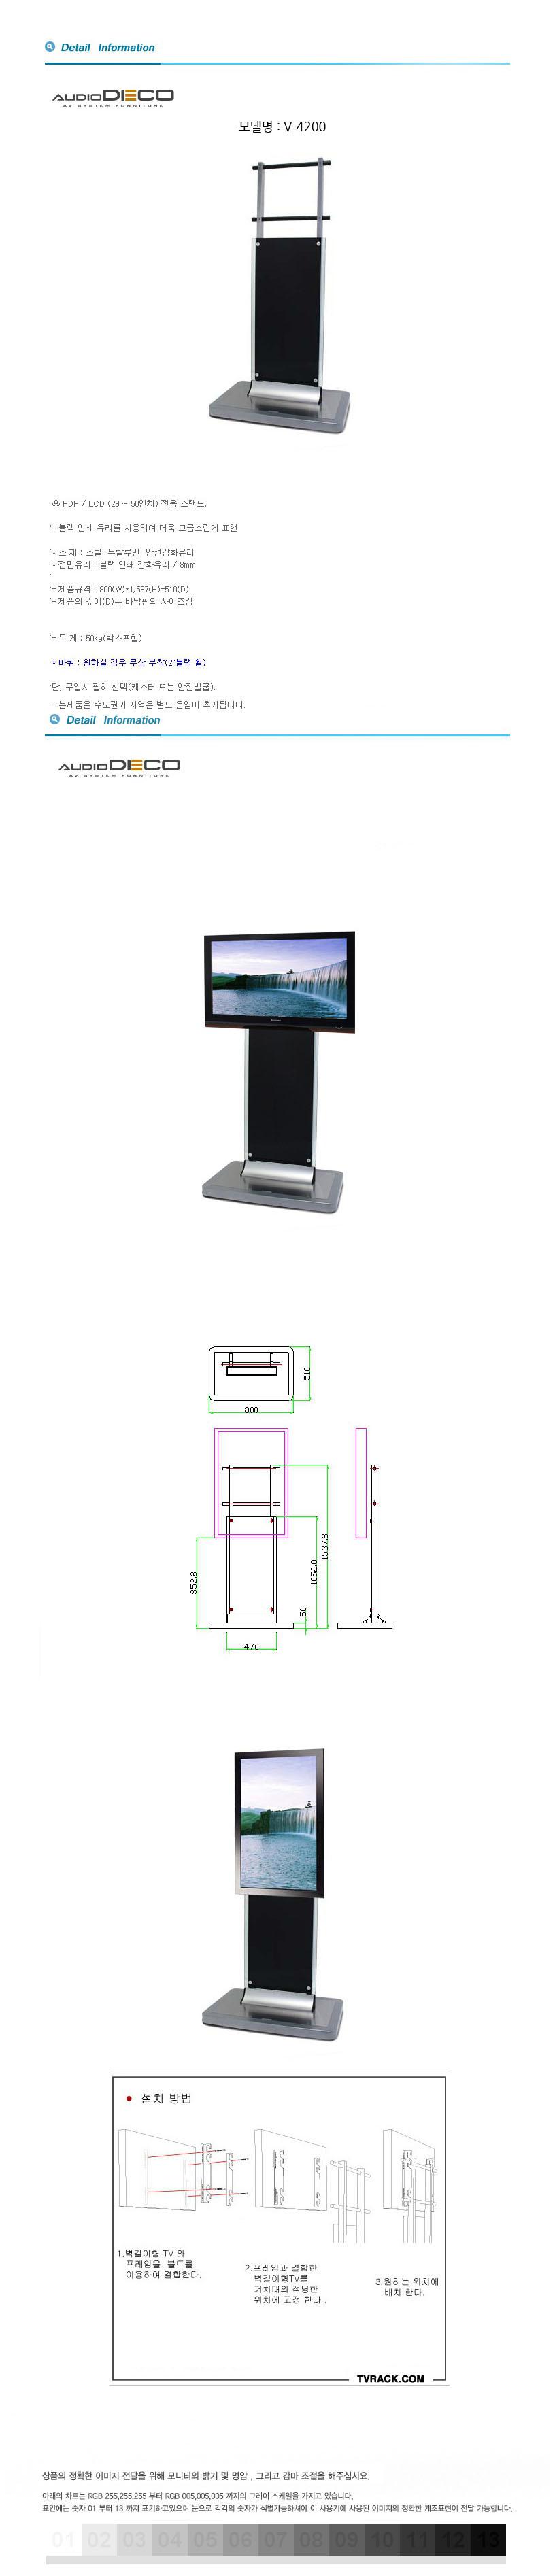 V4200.jpg